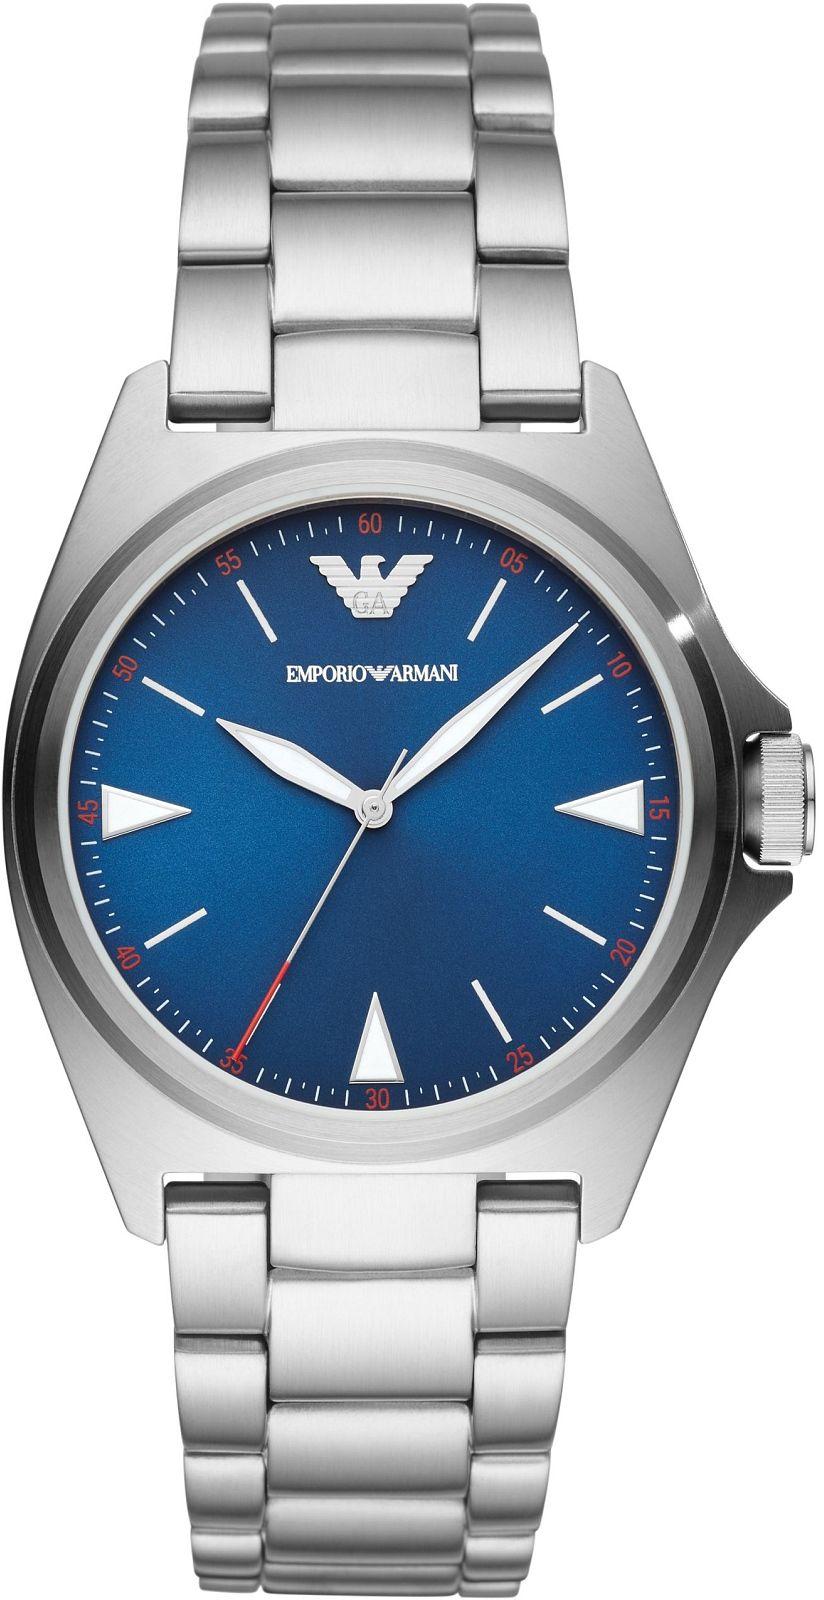 Zegarek Emporio Armani AR11307 > Wysyłka tego samego dnia Grawer 0zł Darmowa dostawa Kurierem/Inpost Darmowy zwrot przez 100 DNI